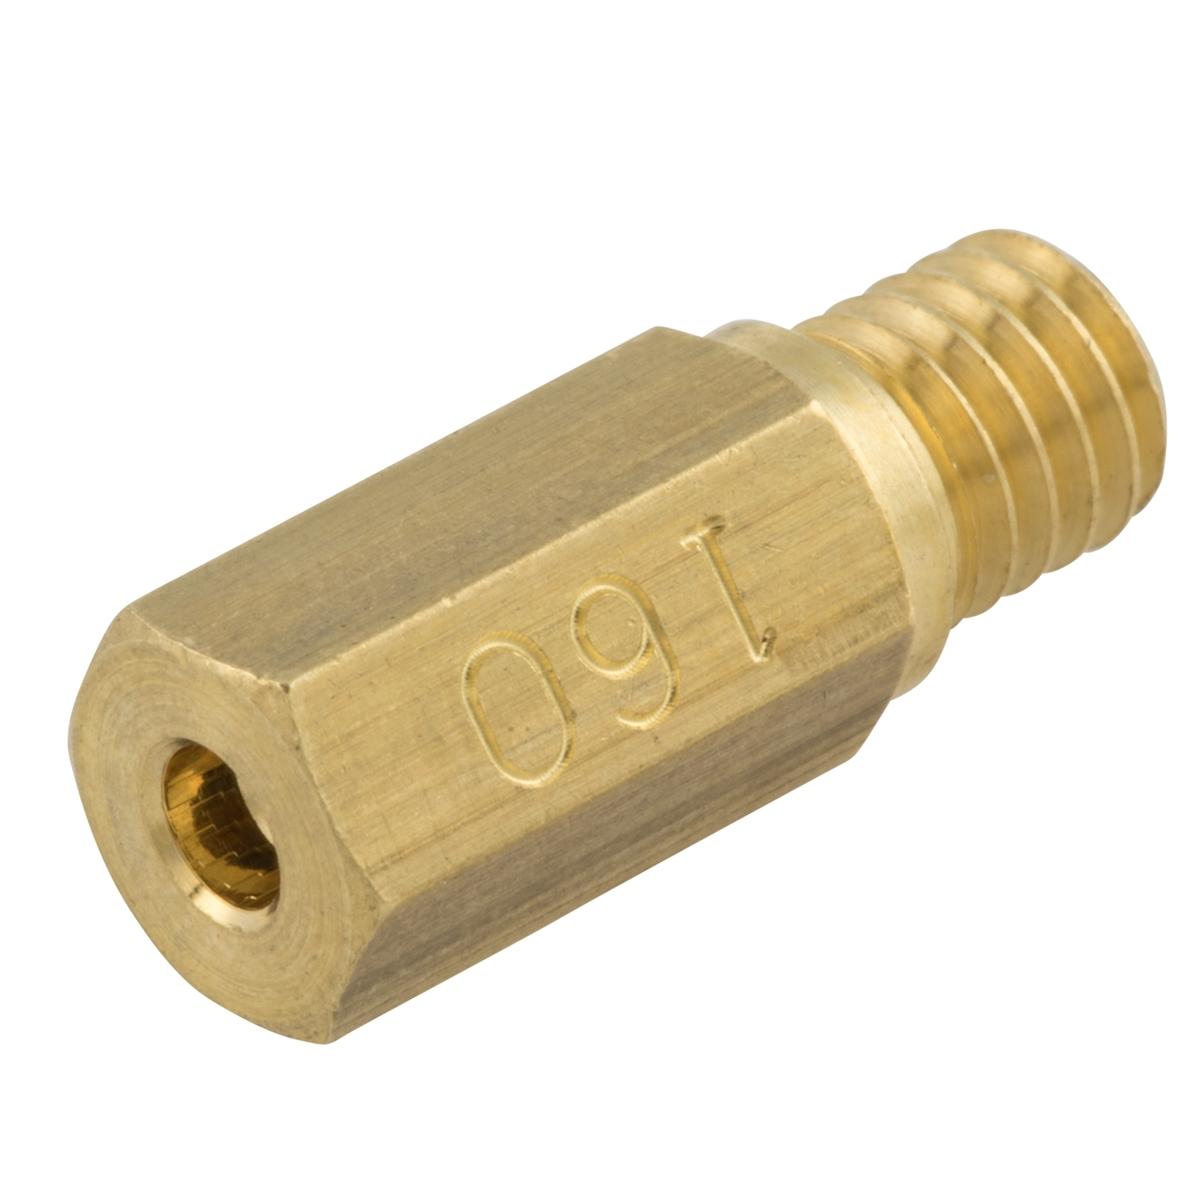 Productafbeelding voor 'Sproeier KMT 132 Ø 6 mmTitle'